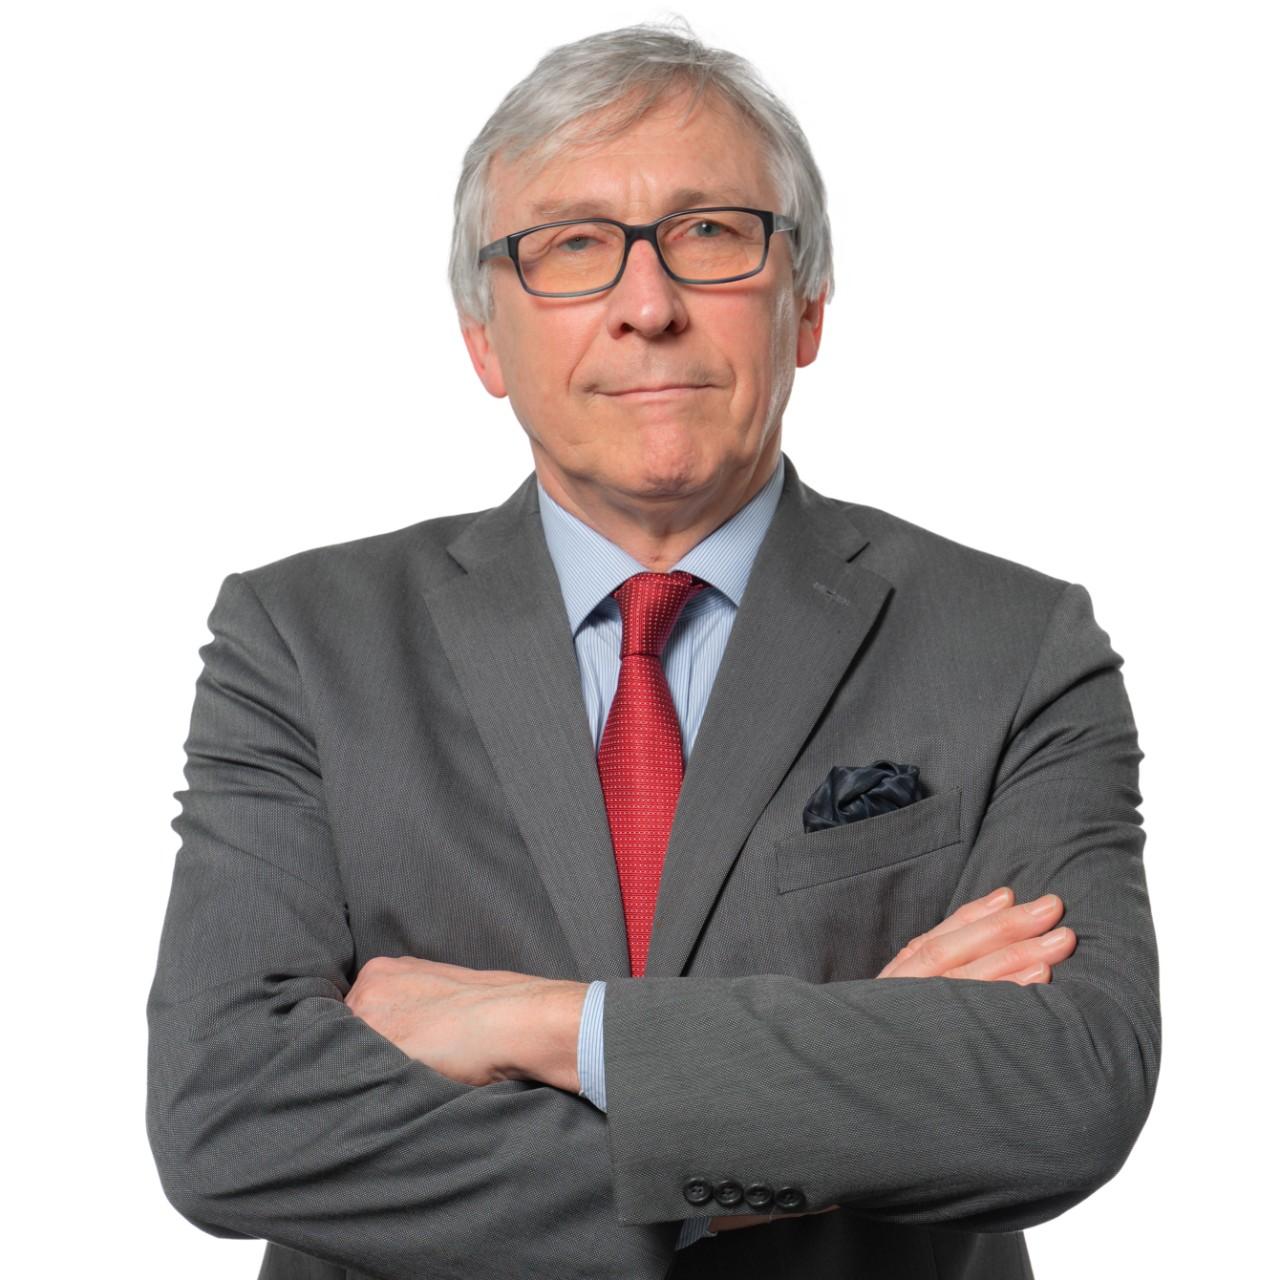 Johan Lambers